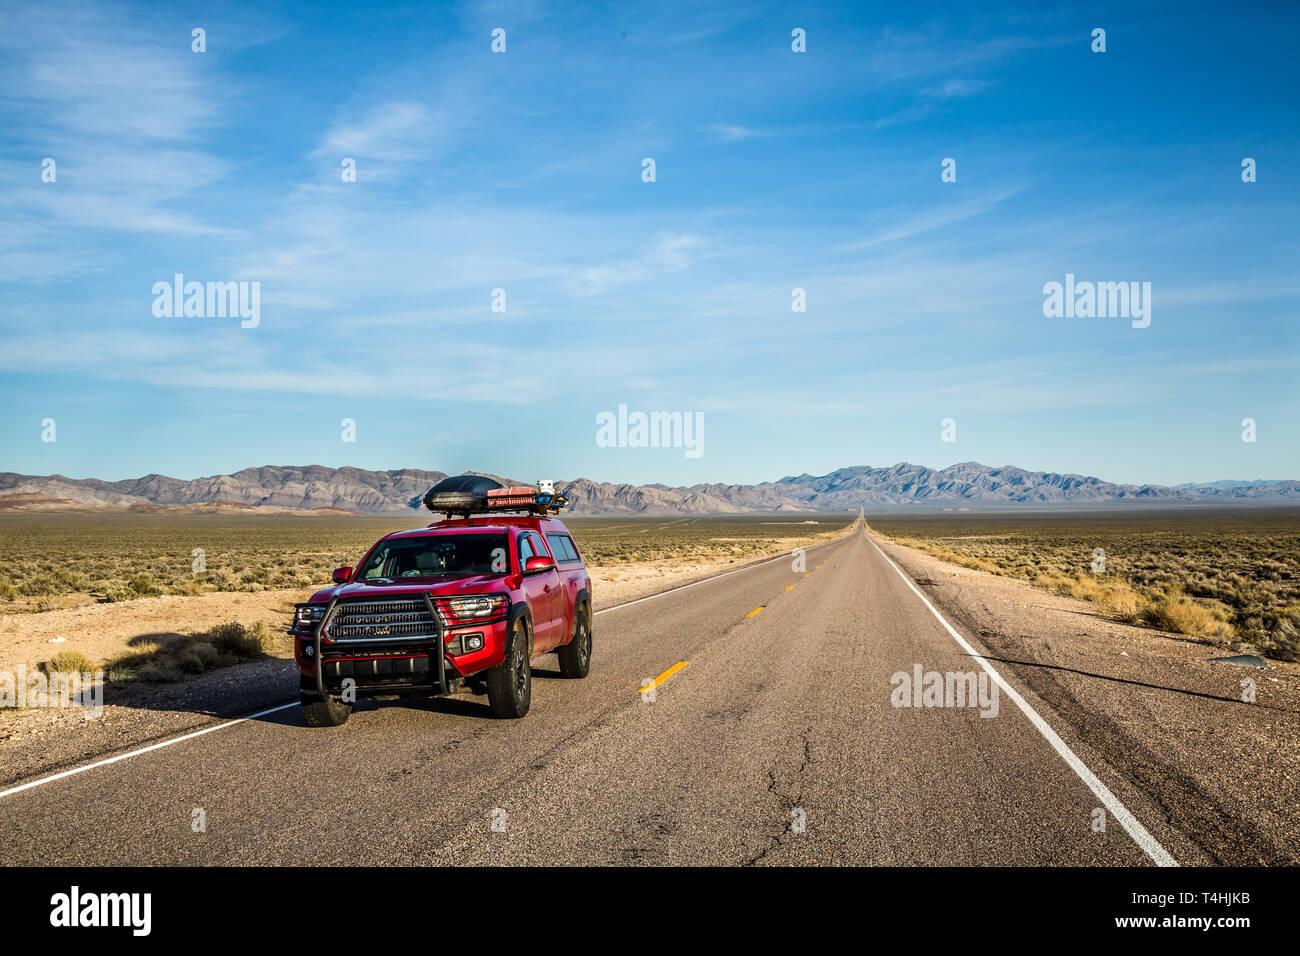 Roten Pickup Truck mit overlanding und Campingausrüstung geladen. Das Fahrzeug fährt auf der Extraterrestrial Highway in der Nähe von Area 51 in der weit geöffneten Beim Stockfoto